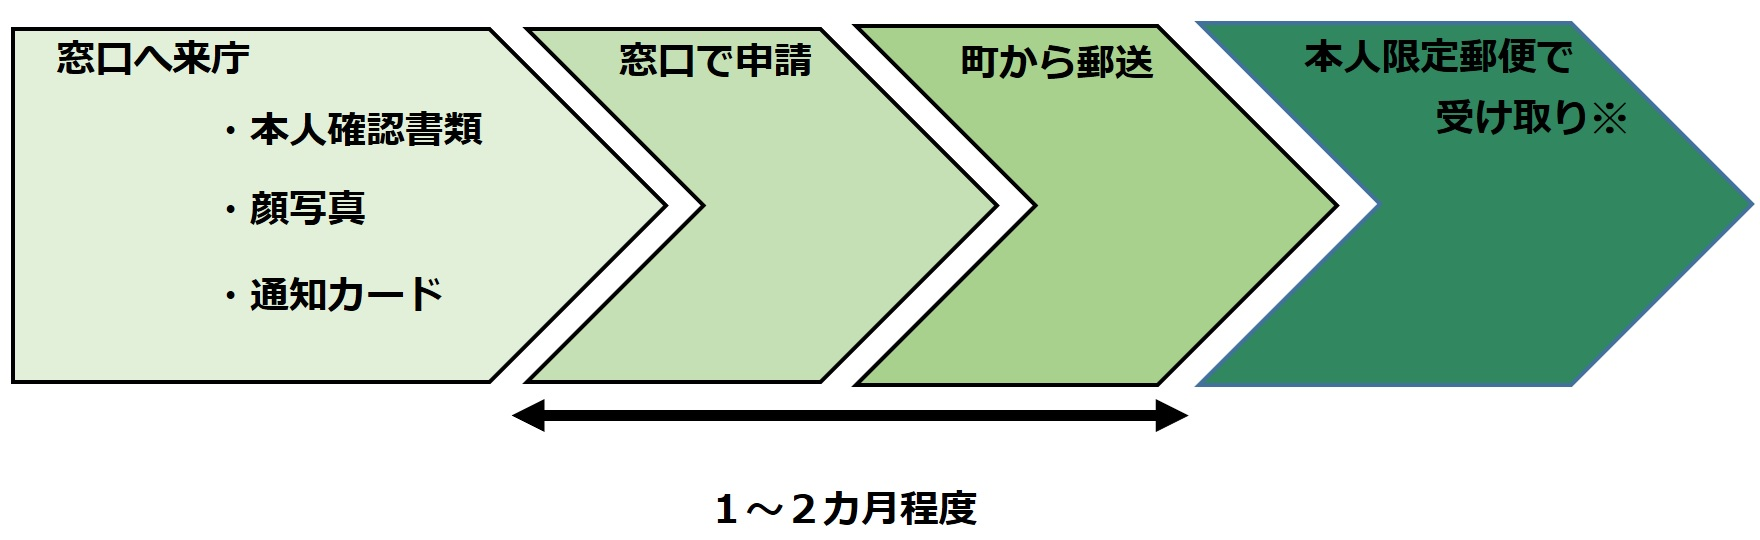 マイナンバーカード申請書来庁方式についての説明画像